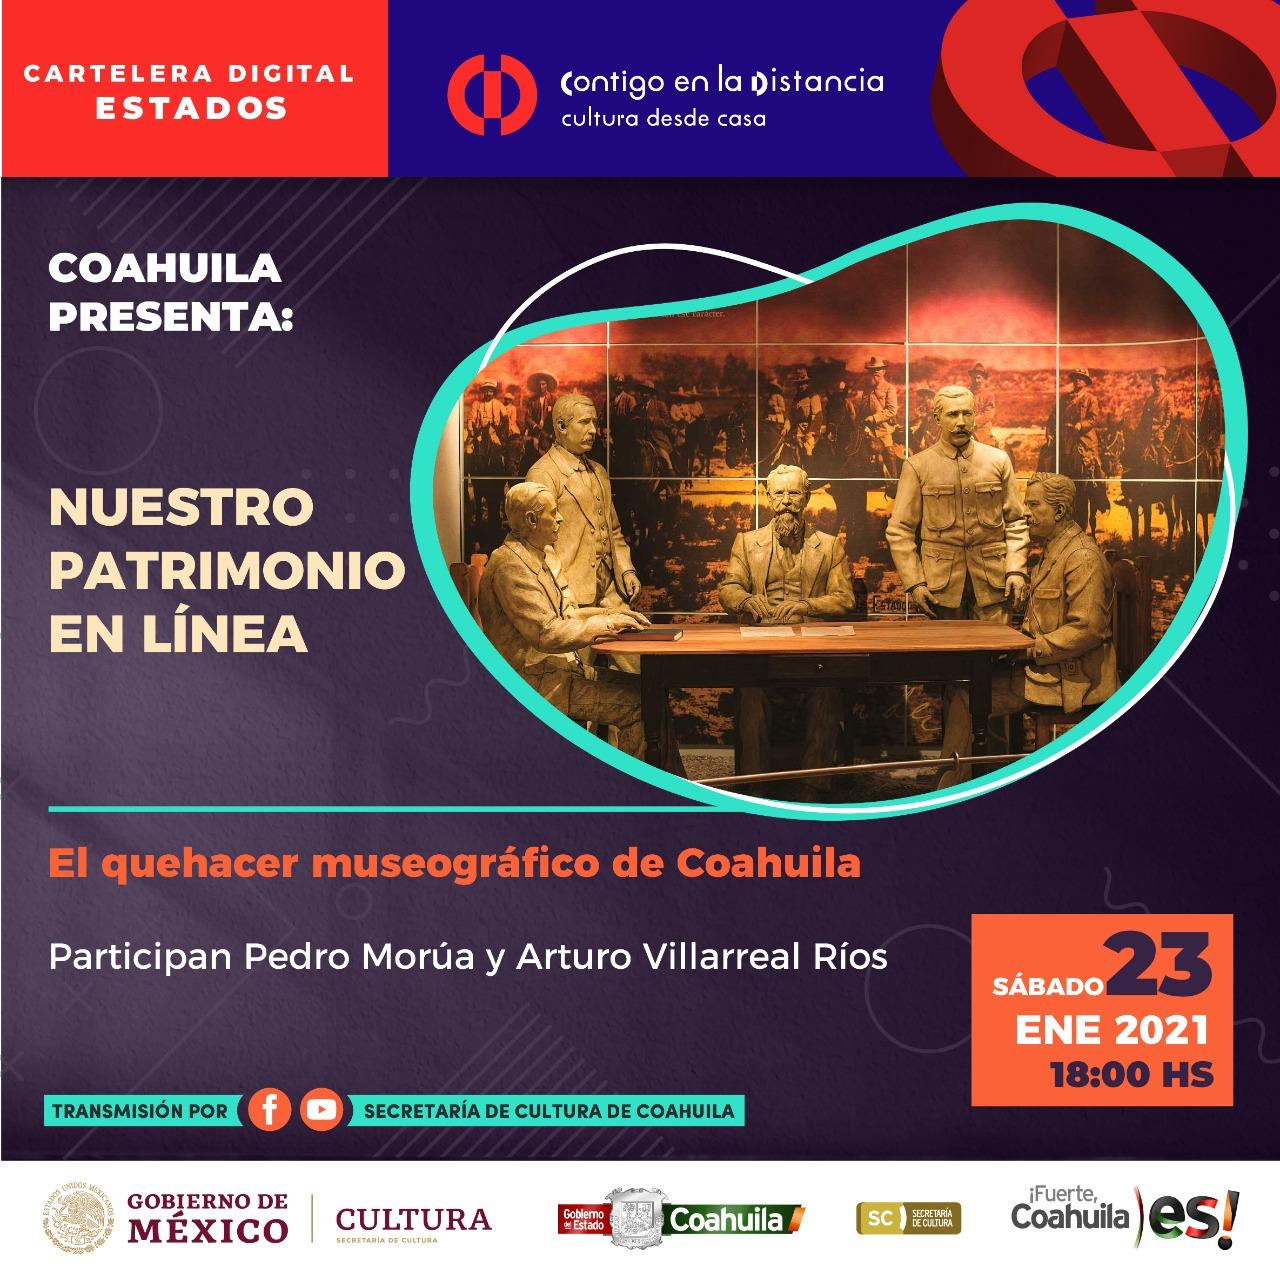 COAHUILA PRESENTA: NUESTRO PATRIMONIO EN LÍNEA